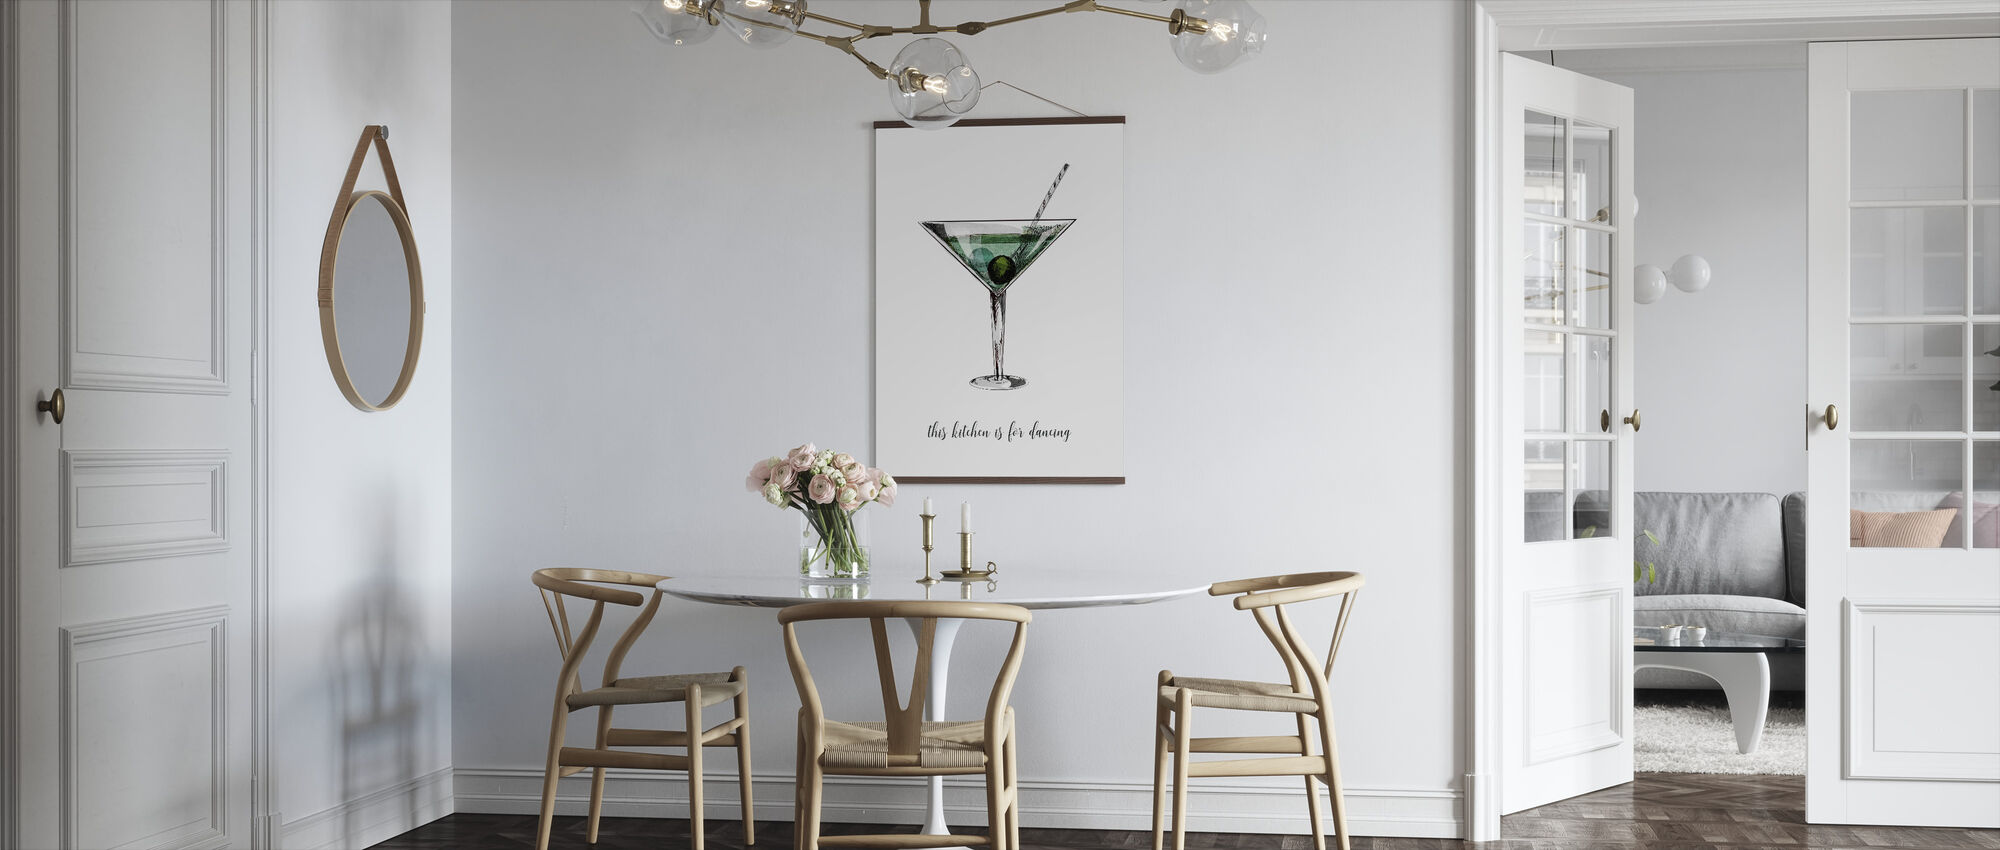 This Kitchen - Poster - Kitchen